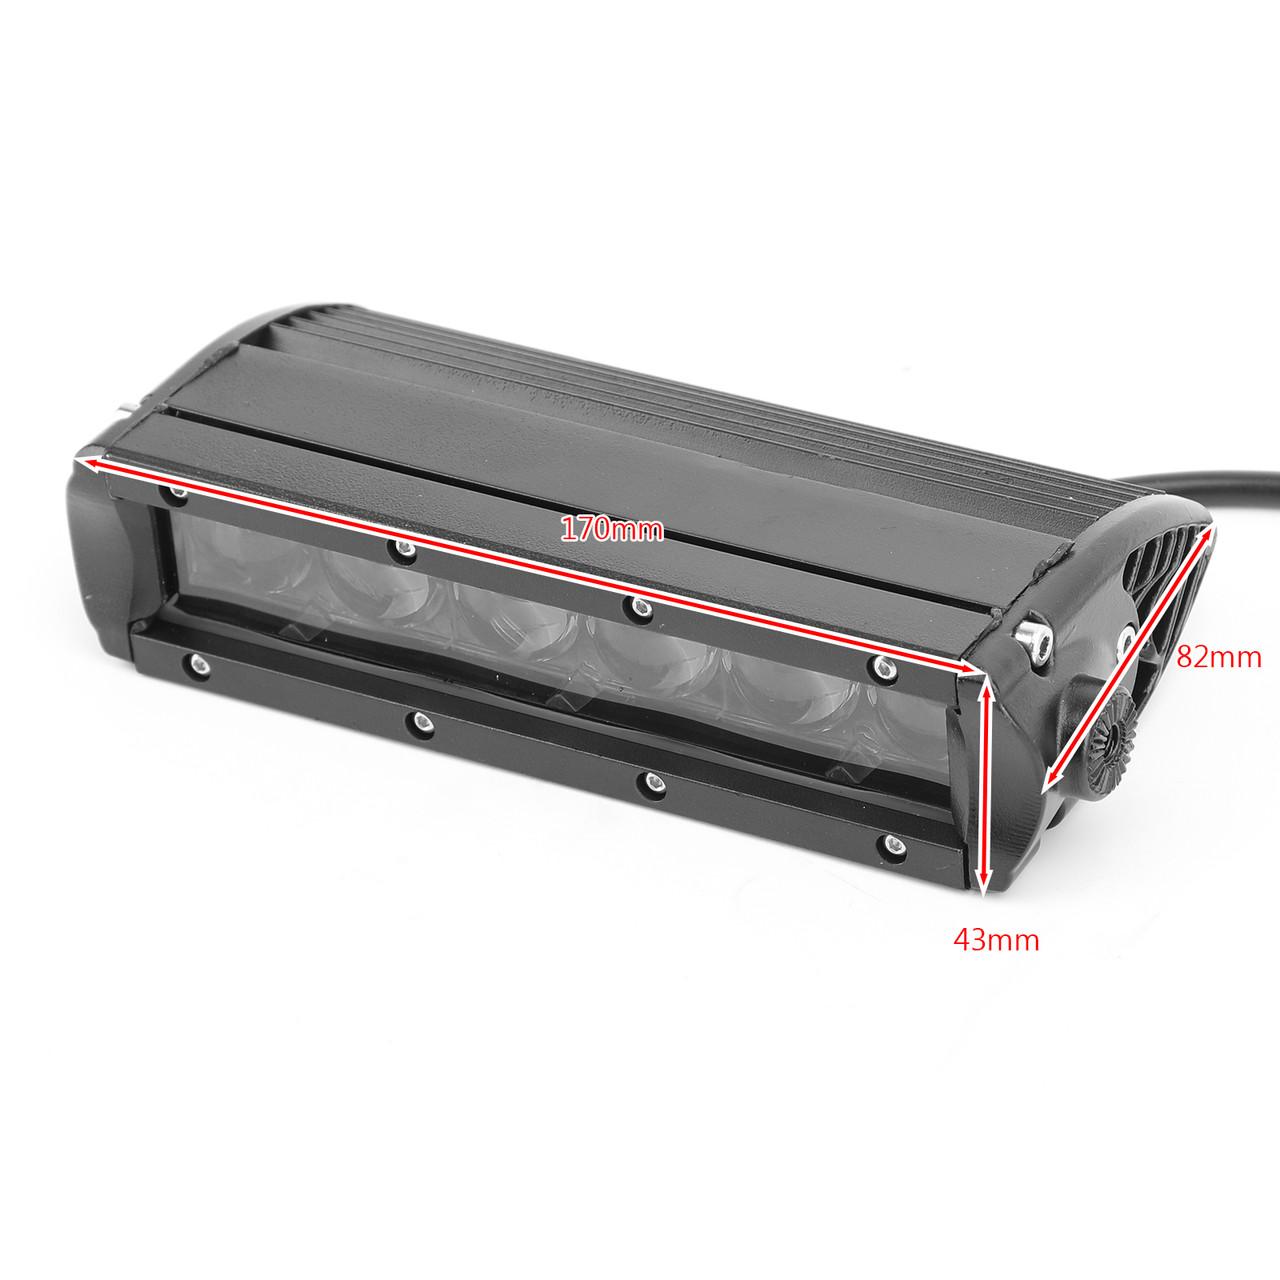 LED Motorcycle Headlight Fog Light Aluminum Fit For Honda MSX125 Grom 13-15 MSX125SF Grom 16-19 White